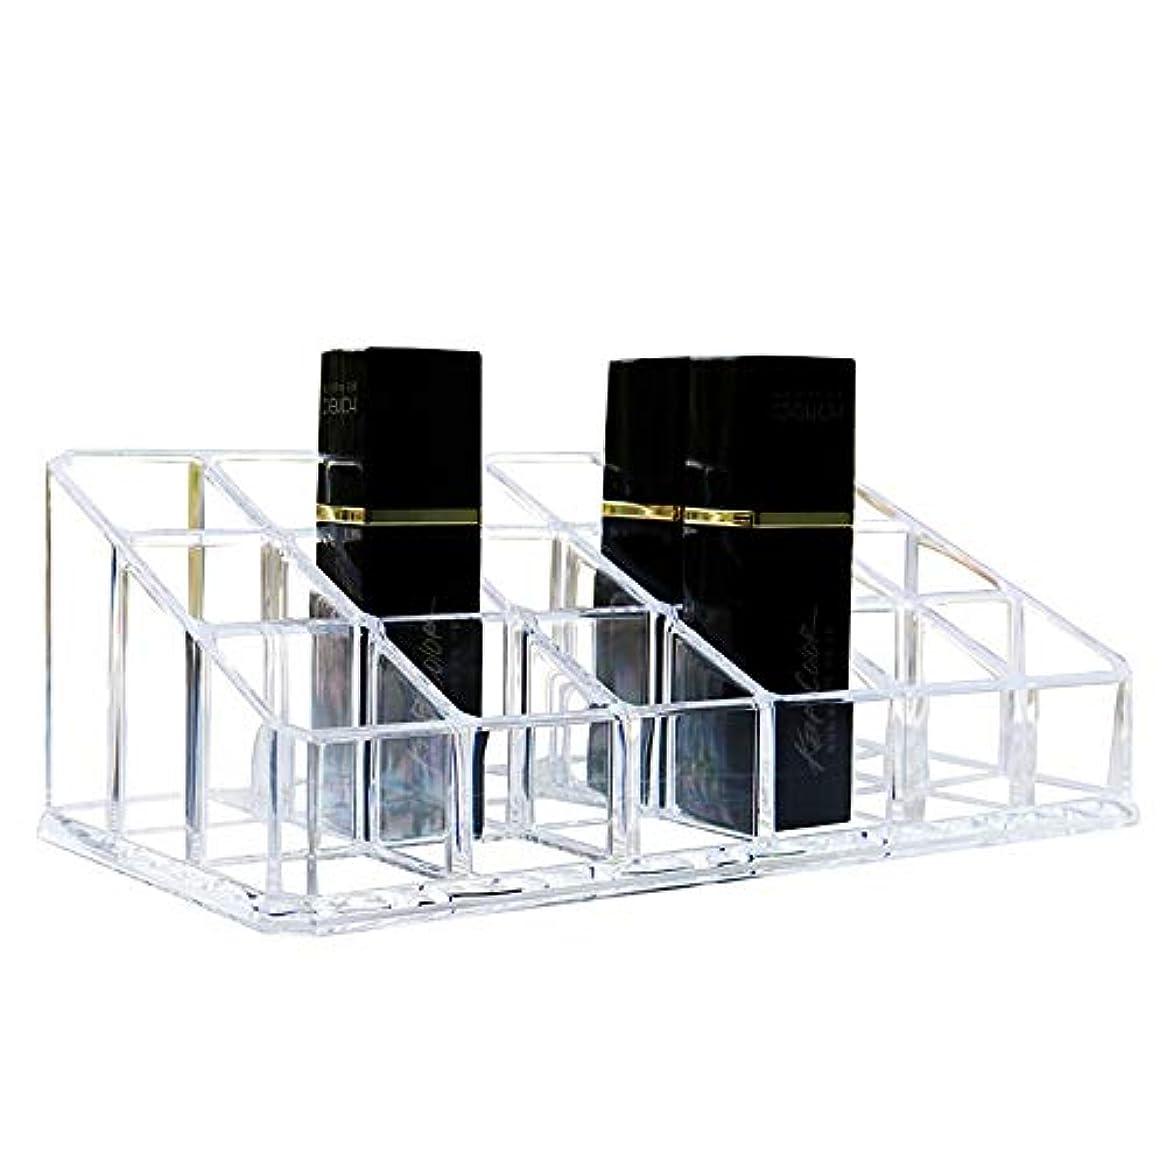 テレマコス偽装するエトナ山整理簡単 シンプルな口紅収納クリア18コンパートメント化粧口紅化粧品ディスプレイスタンドラックホルダーオーガナイザー (Color : Clear, Size : 17.4*9*6.3CM)